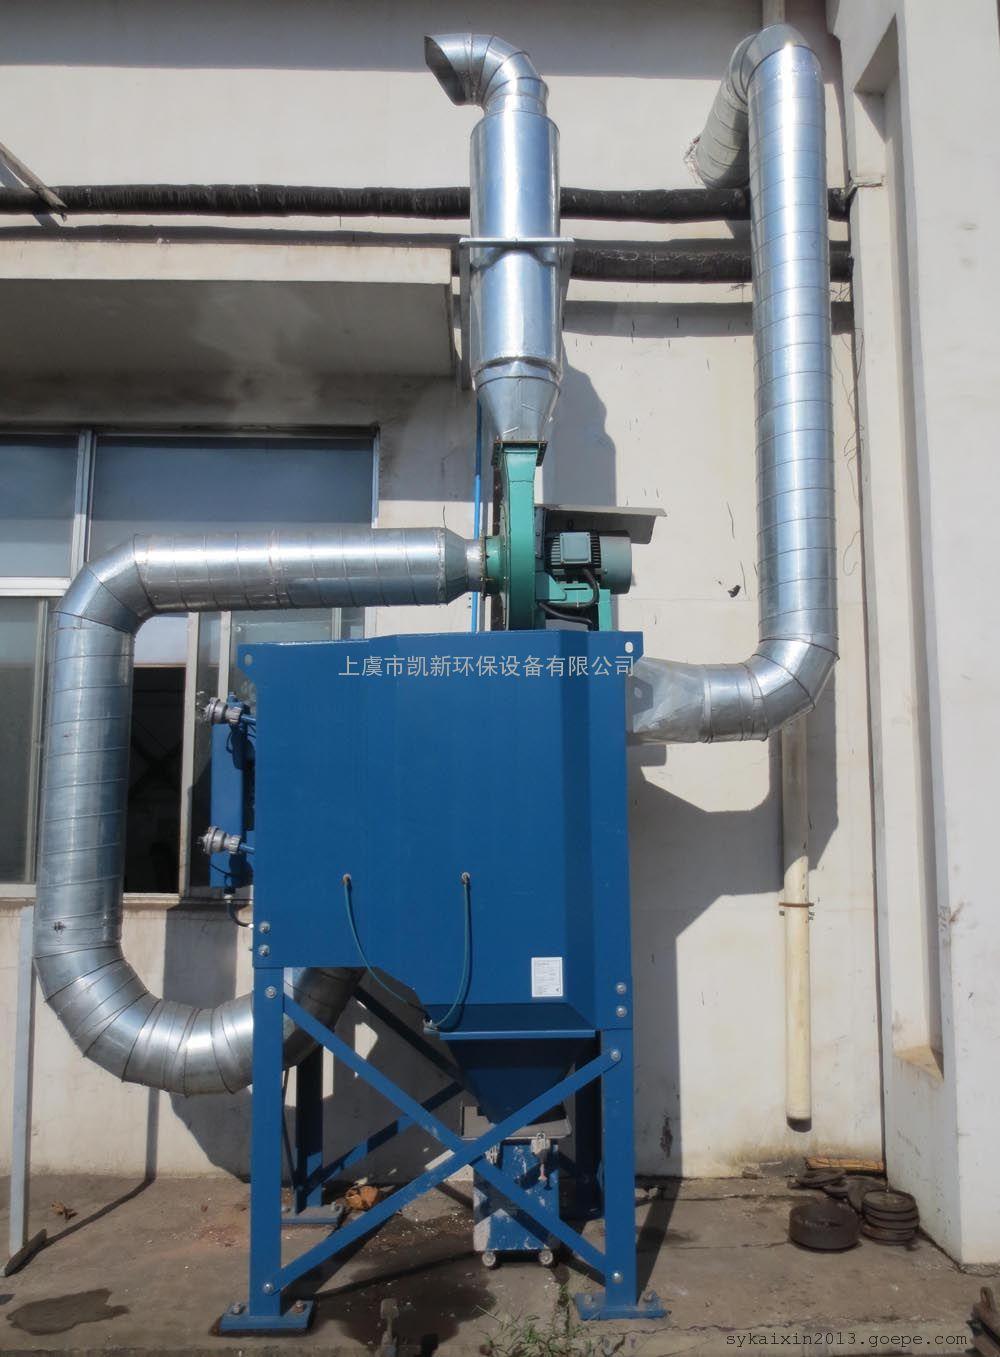 滤筒除尘器、滤筒式除尘器、滤筒式脉冲除尘器、脉冲滤筒除尘器